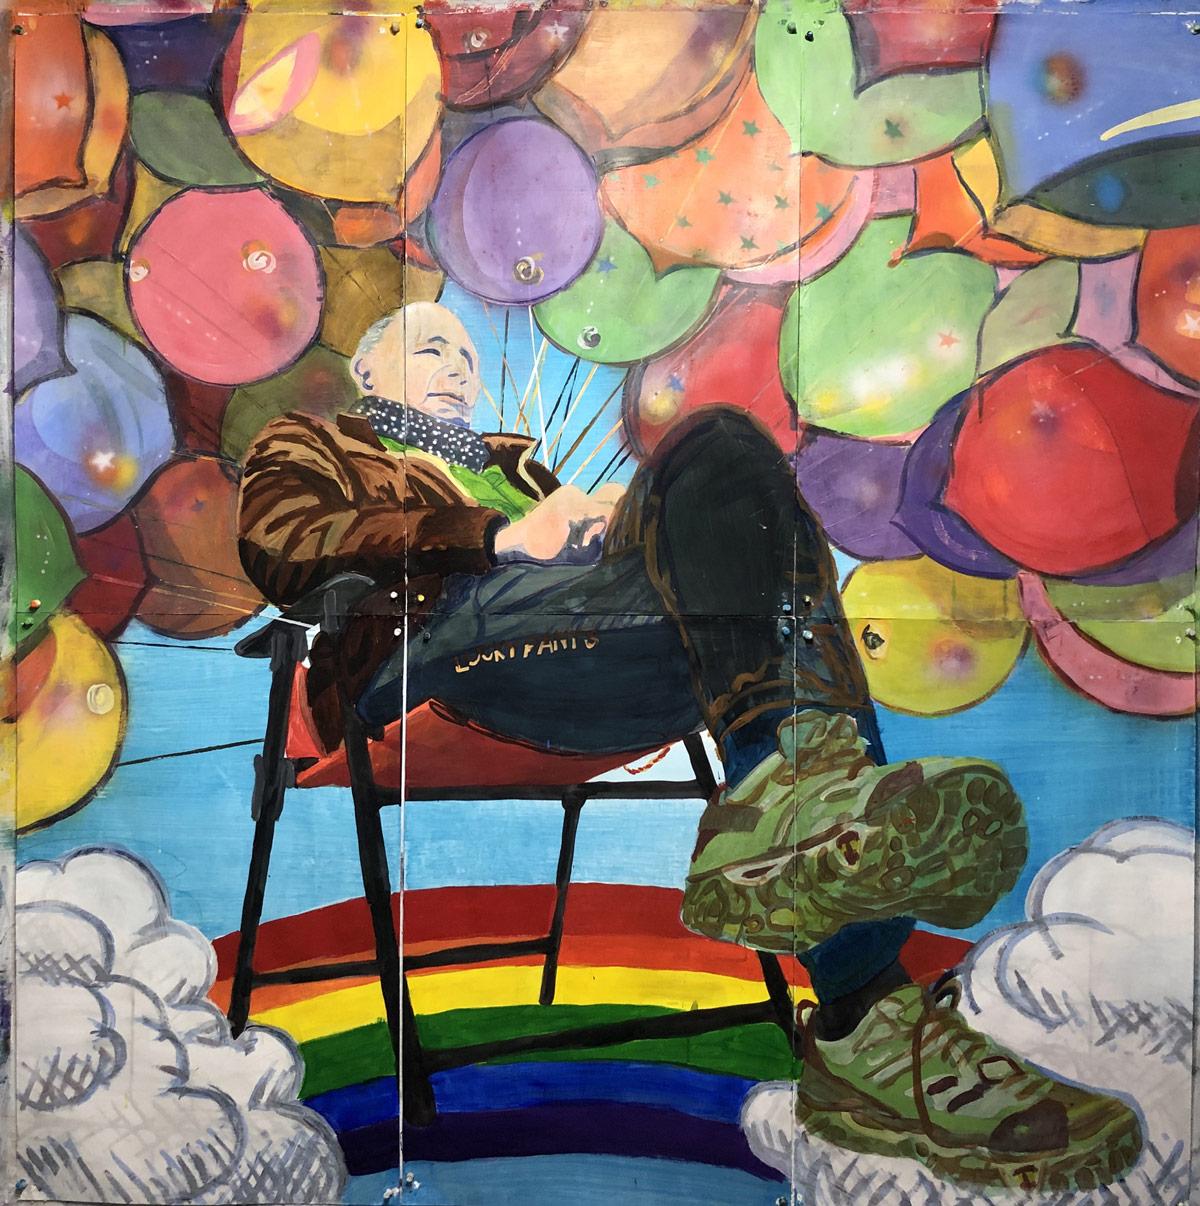 Ansel-Ballon-boy-acrylic-on-paper-70.5×76